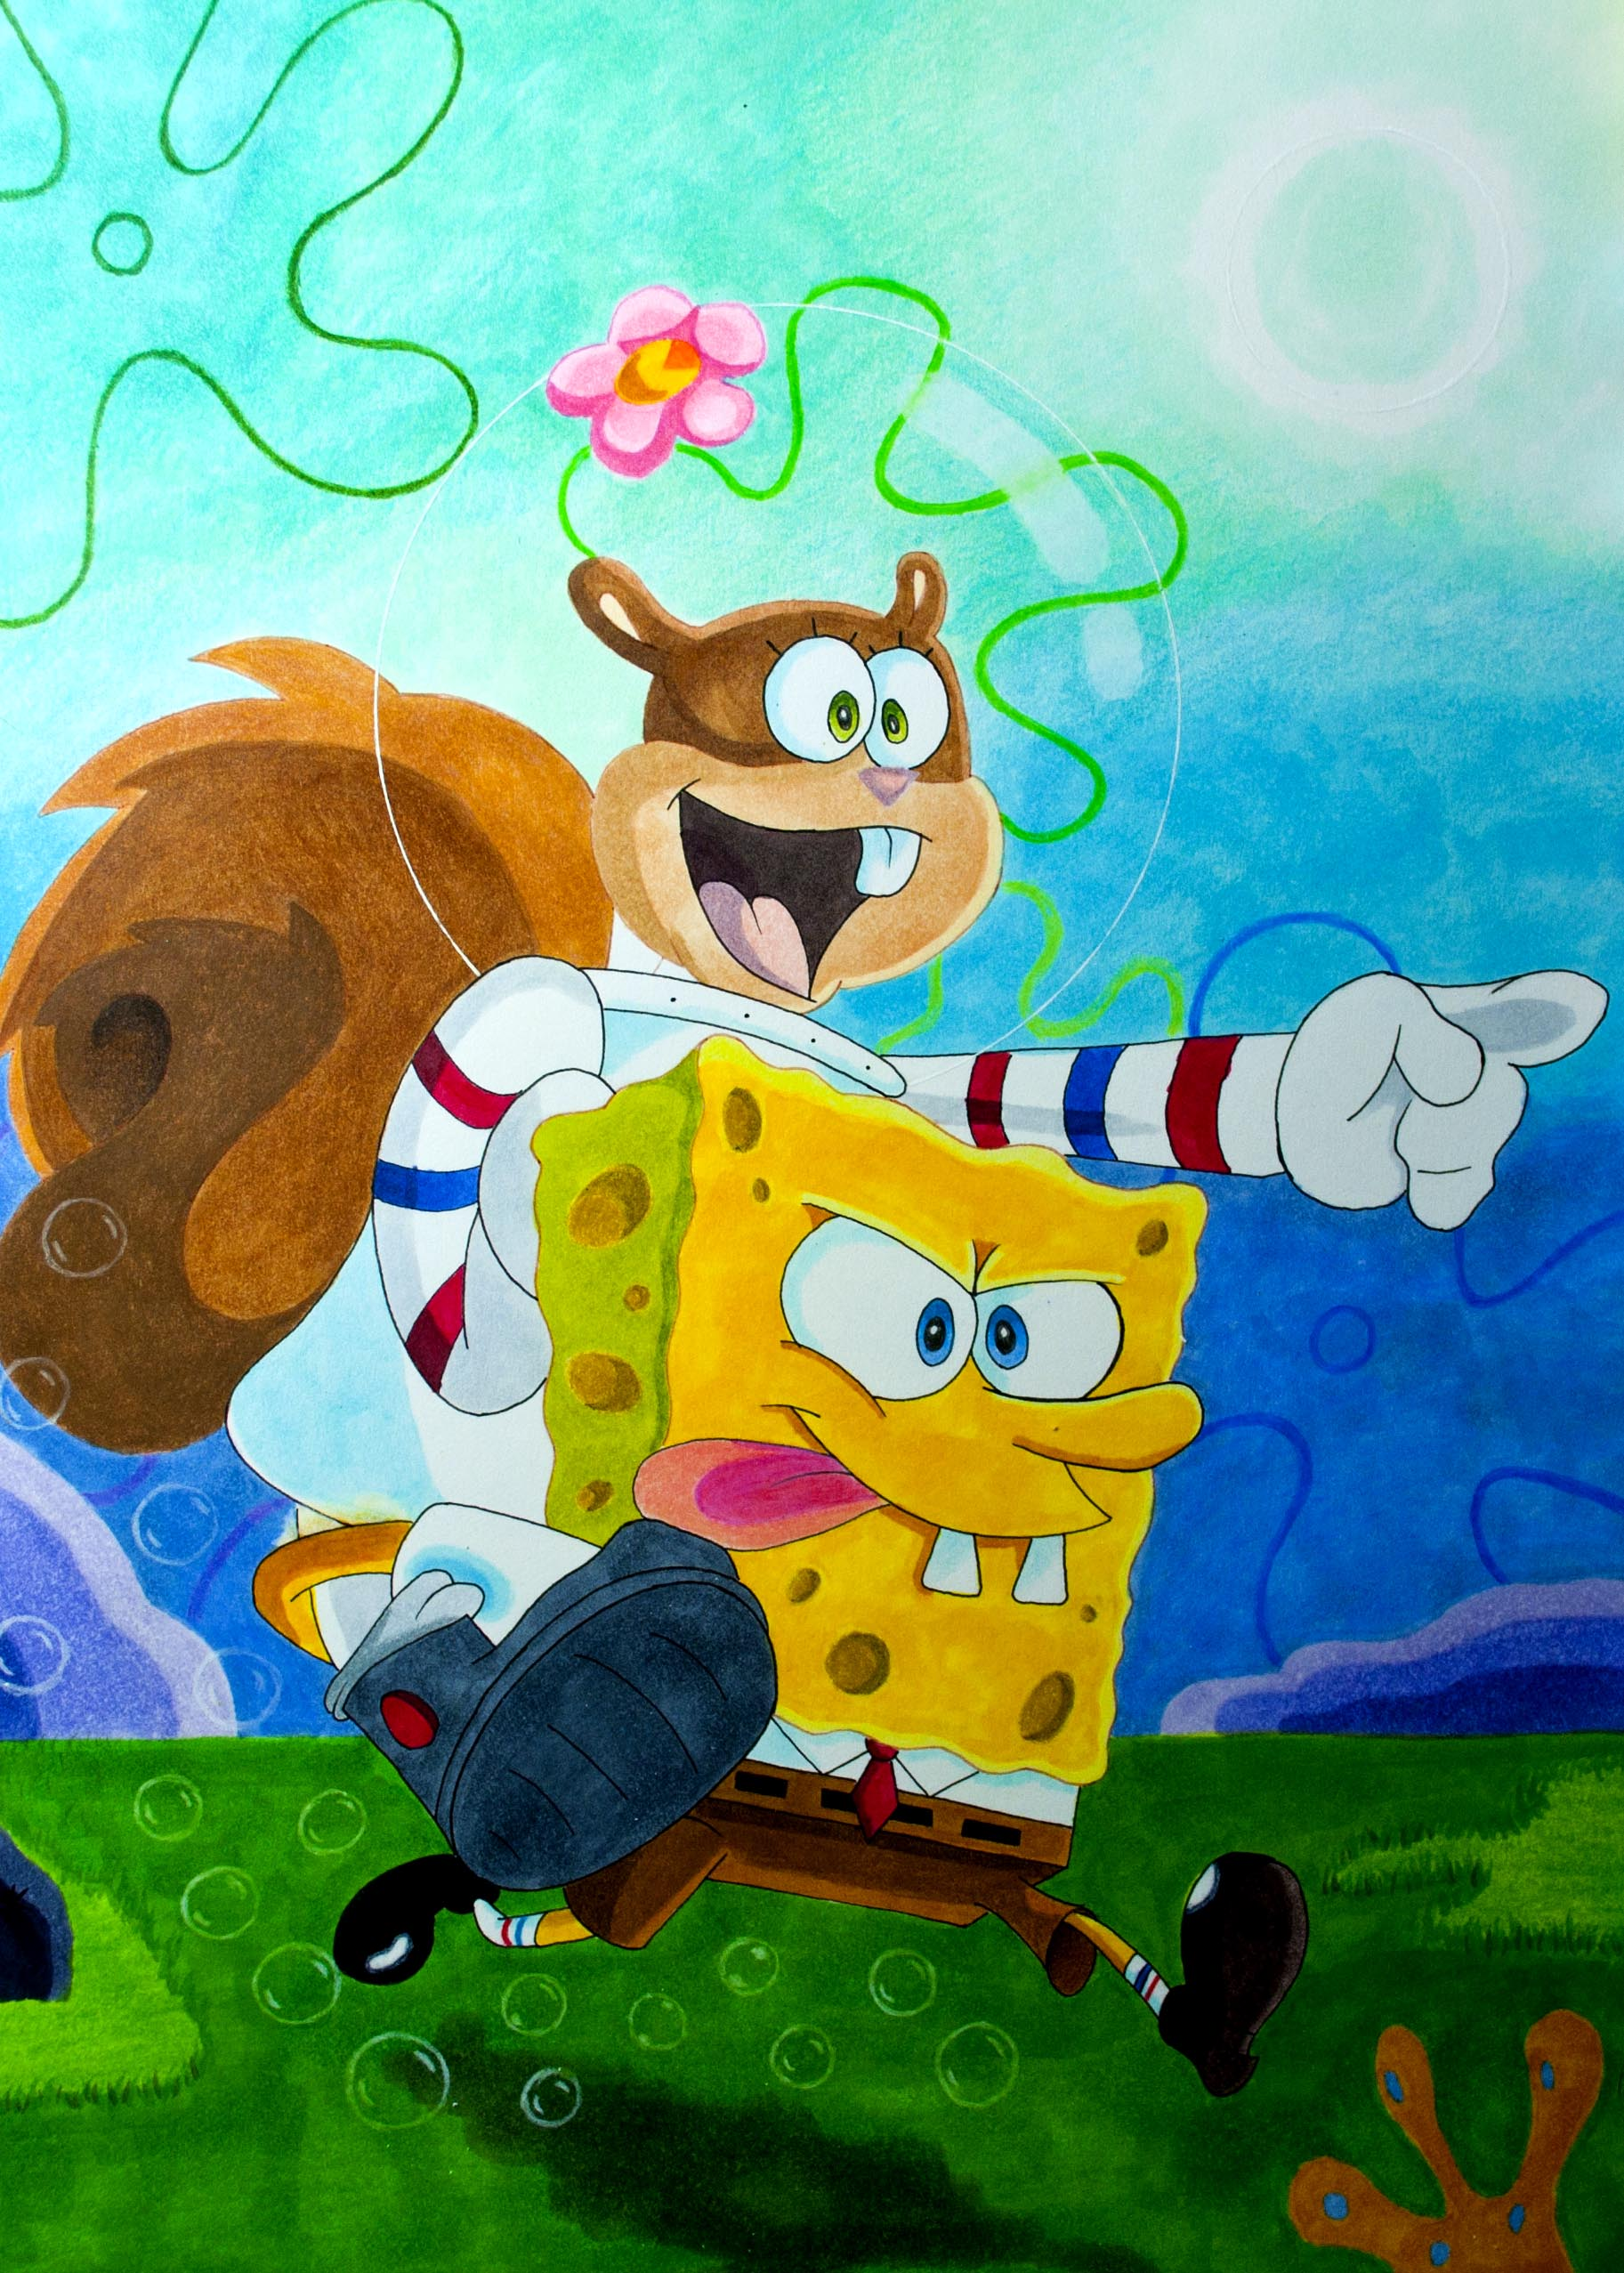 Spongebob Final.jpg